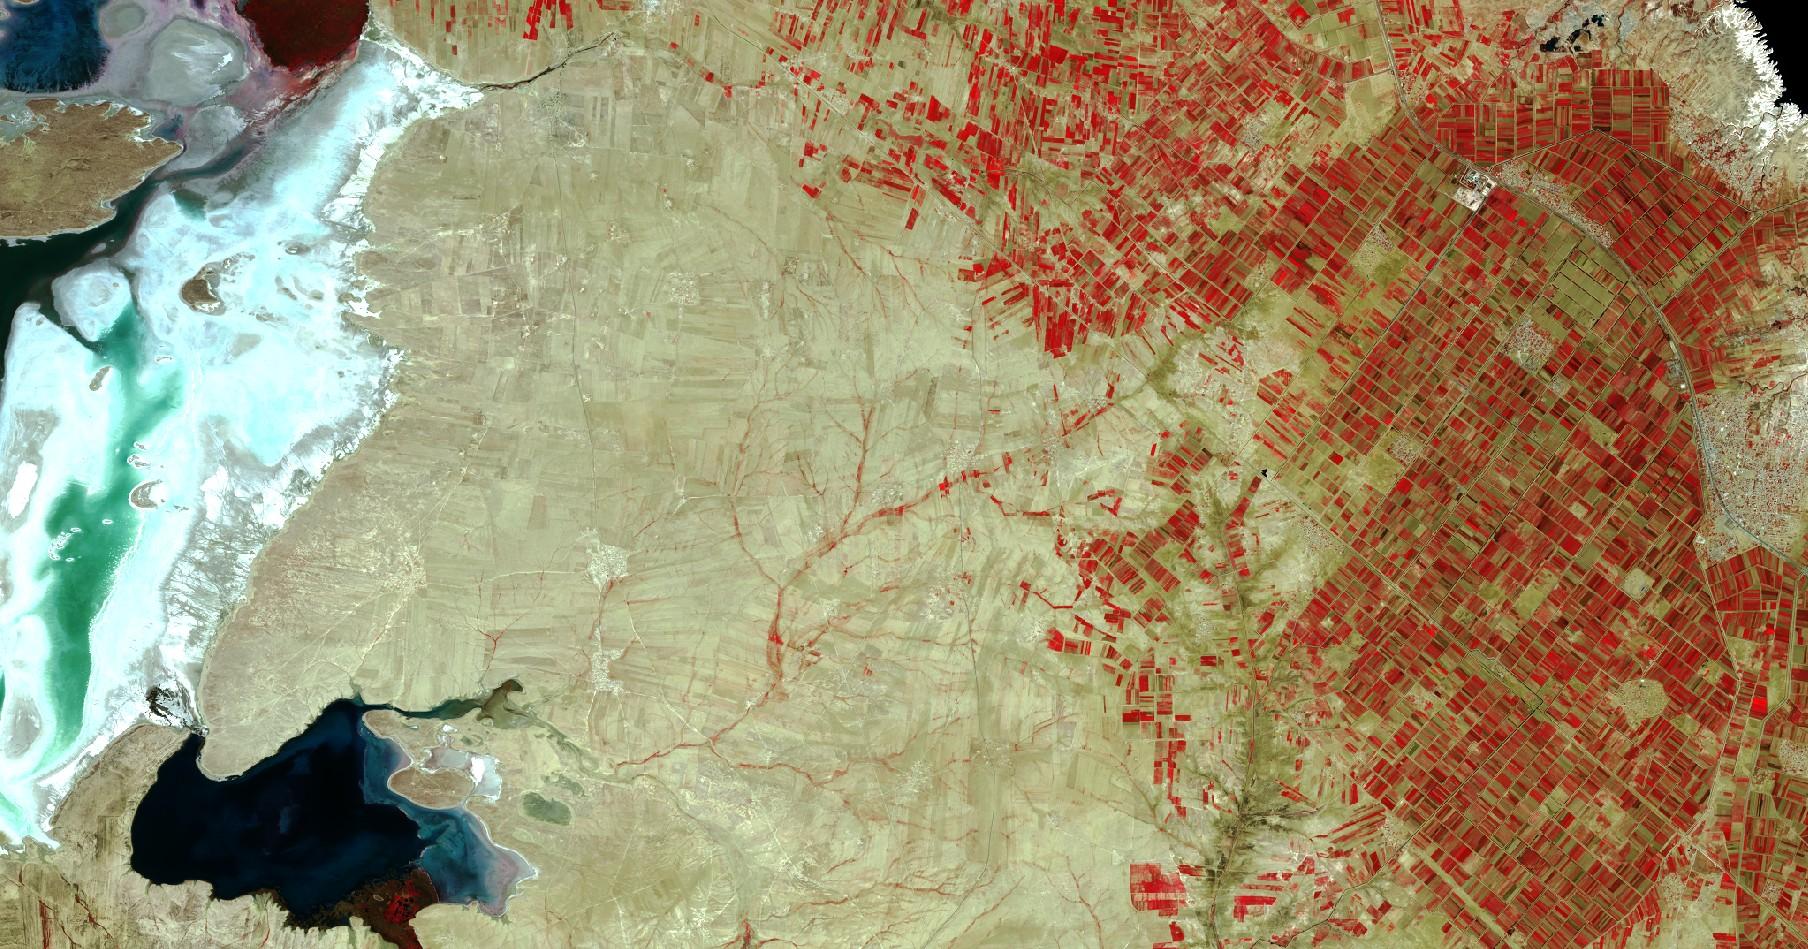 Sentinel 2 - ESA - Copernicus - Commission européenne - Journée de la Terre - Quiz image satellite - Un autre regard sur la terre